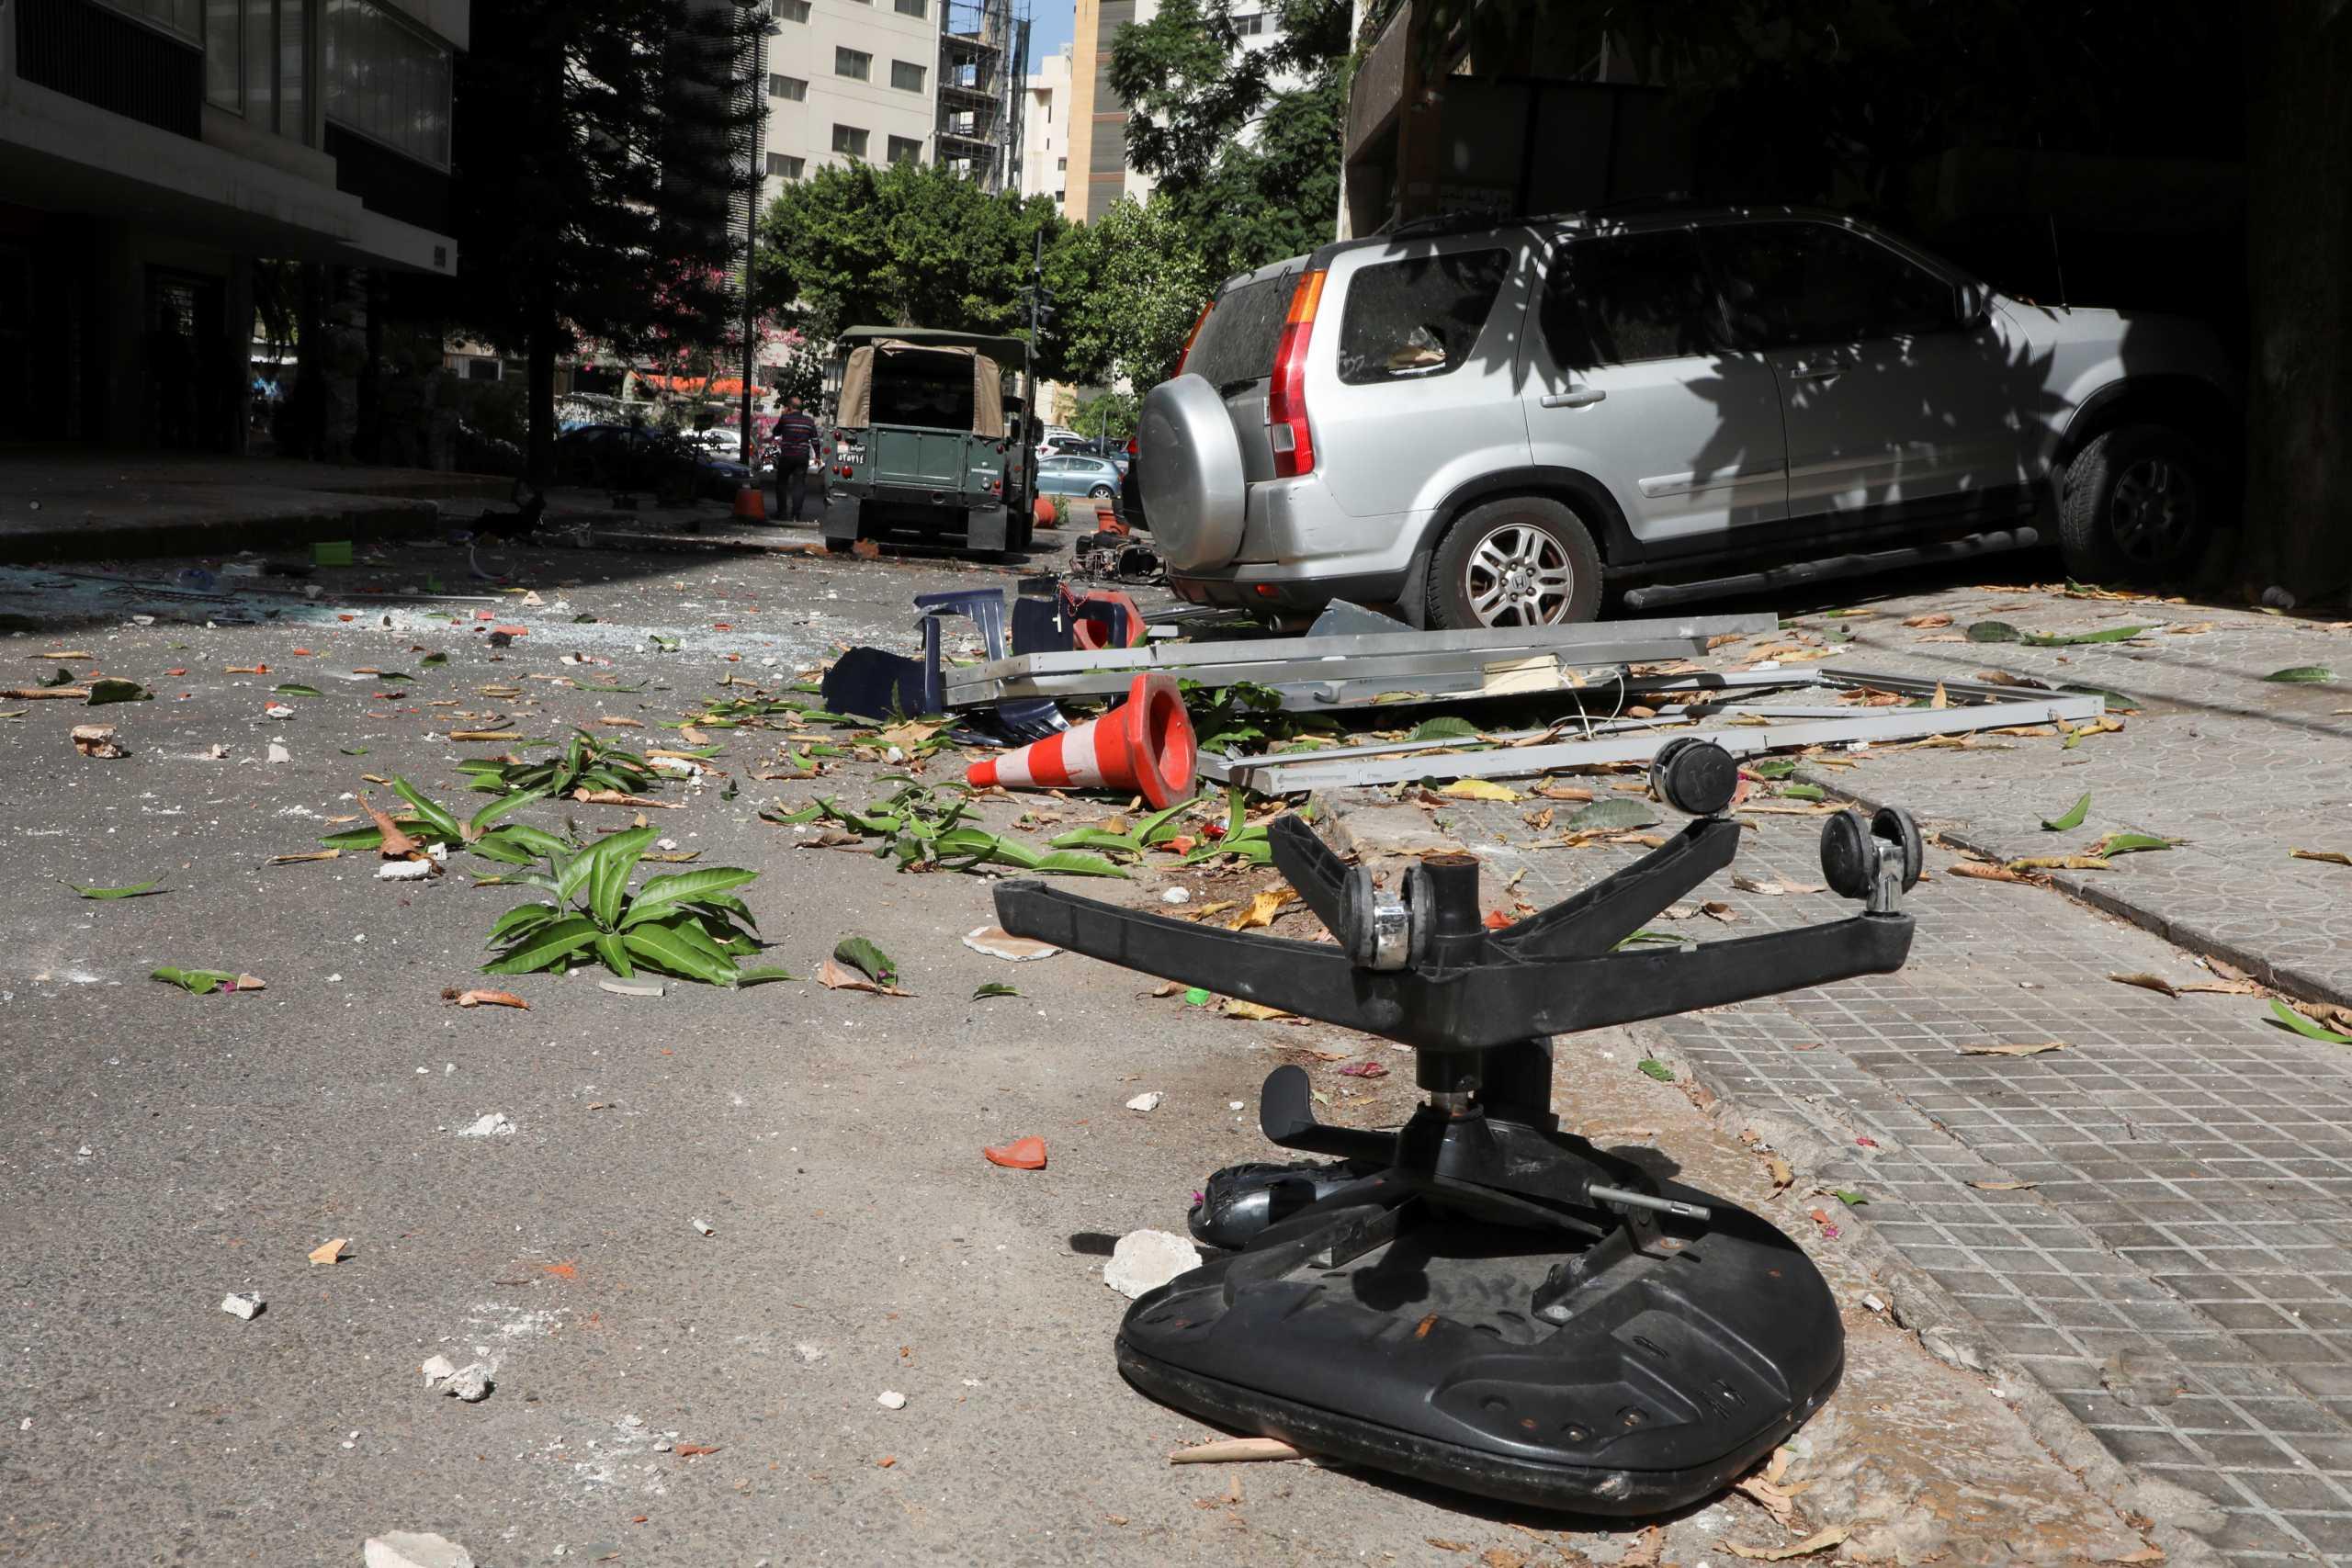 Λίβανος: Δύο εκρήξεις στη Βηρυτό - Ένας νεκρός και οκτώ τραυματίες από πυρά